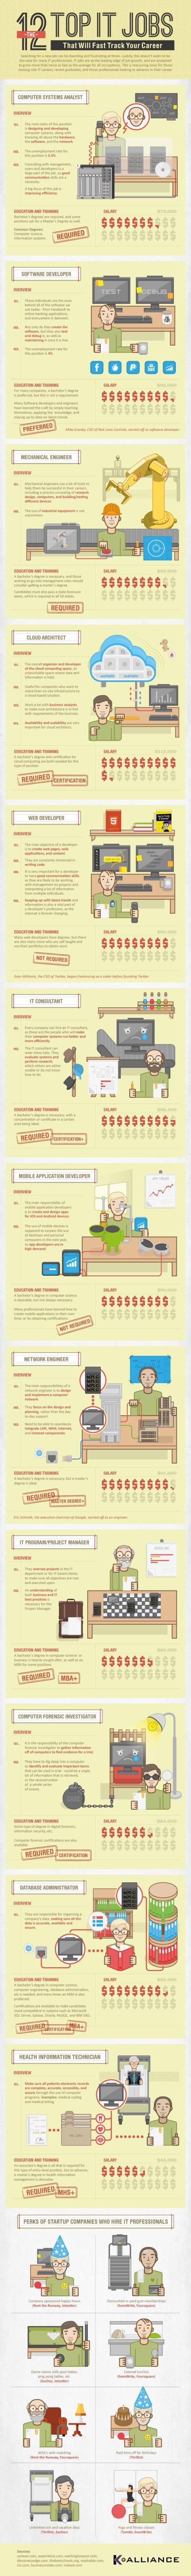 67 besten IT Jobs / Recruiting Bilder auf Pinterest ...